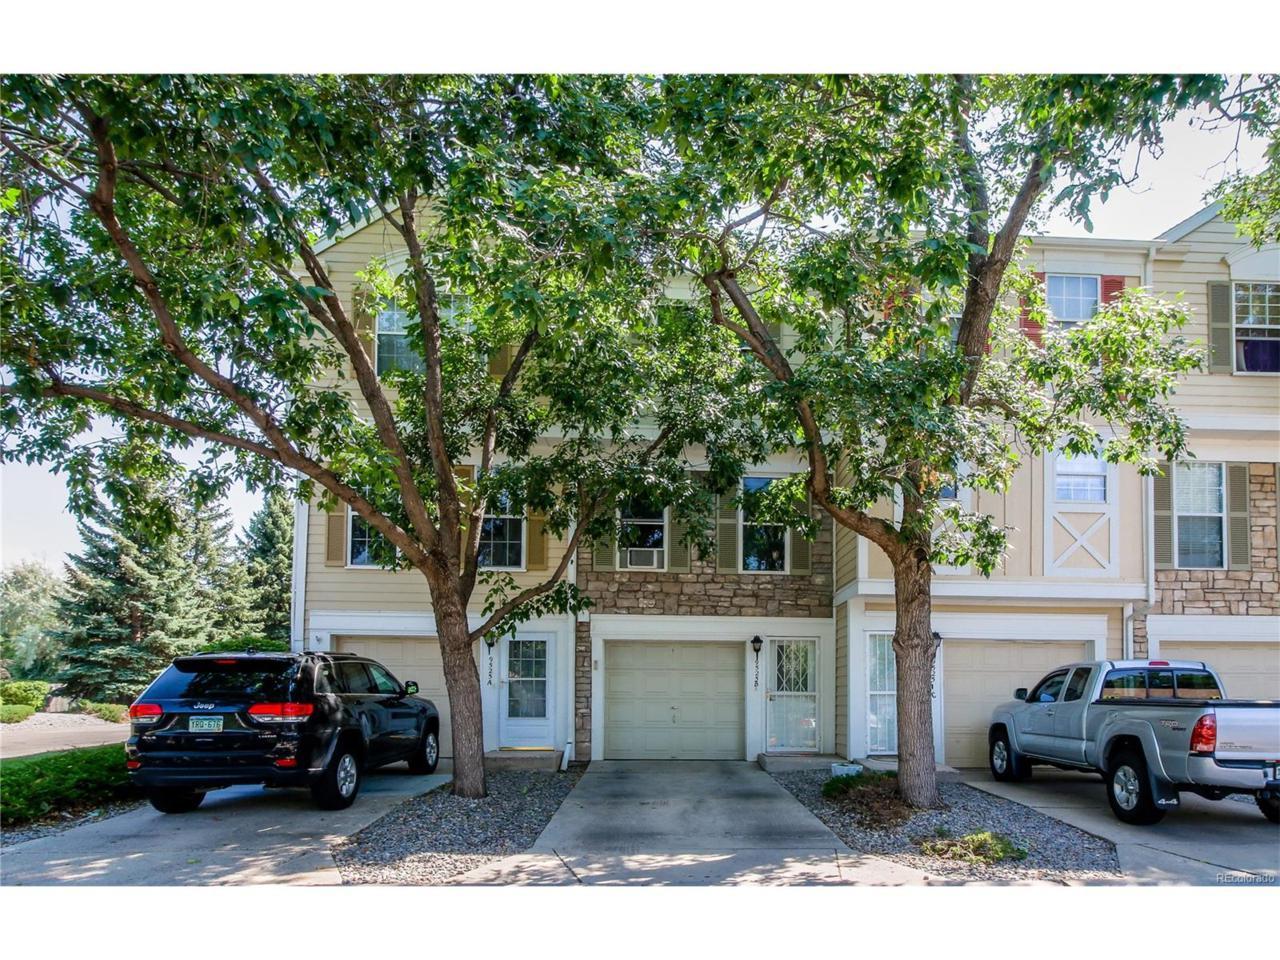 9525 W Coal Mine Avenue B, Littleton, CO 80123 (MLS #2287082) :: 8z Real Estate